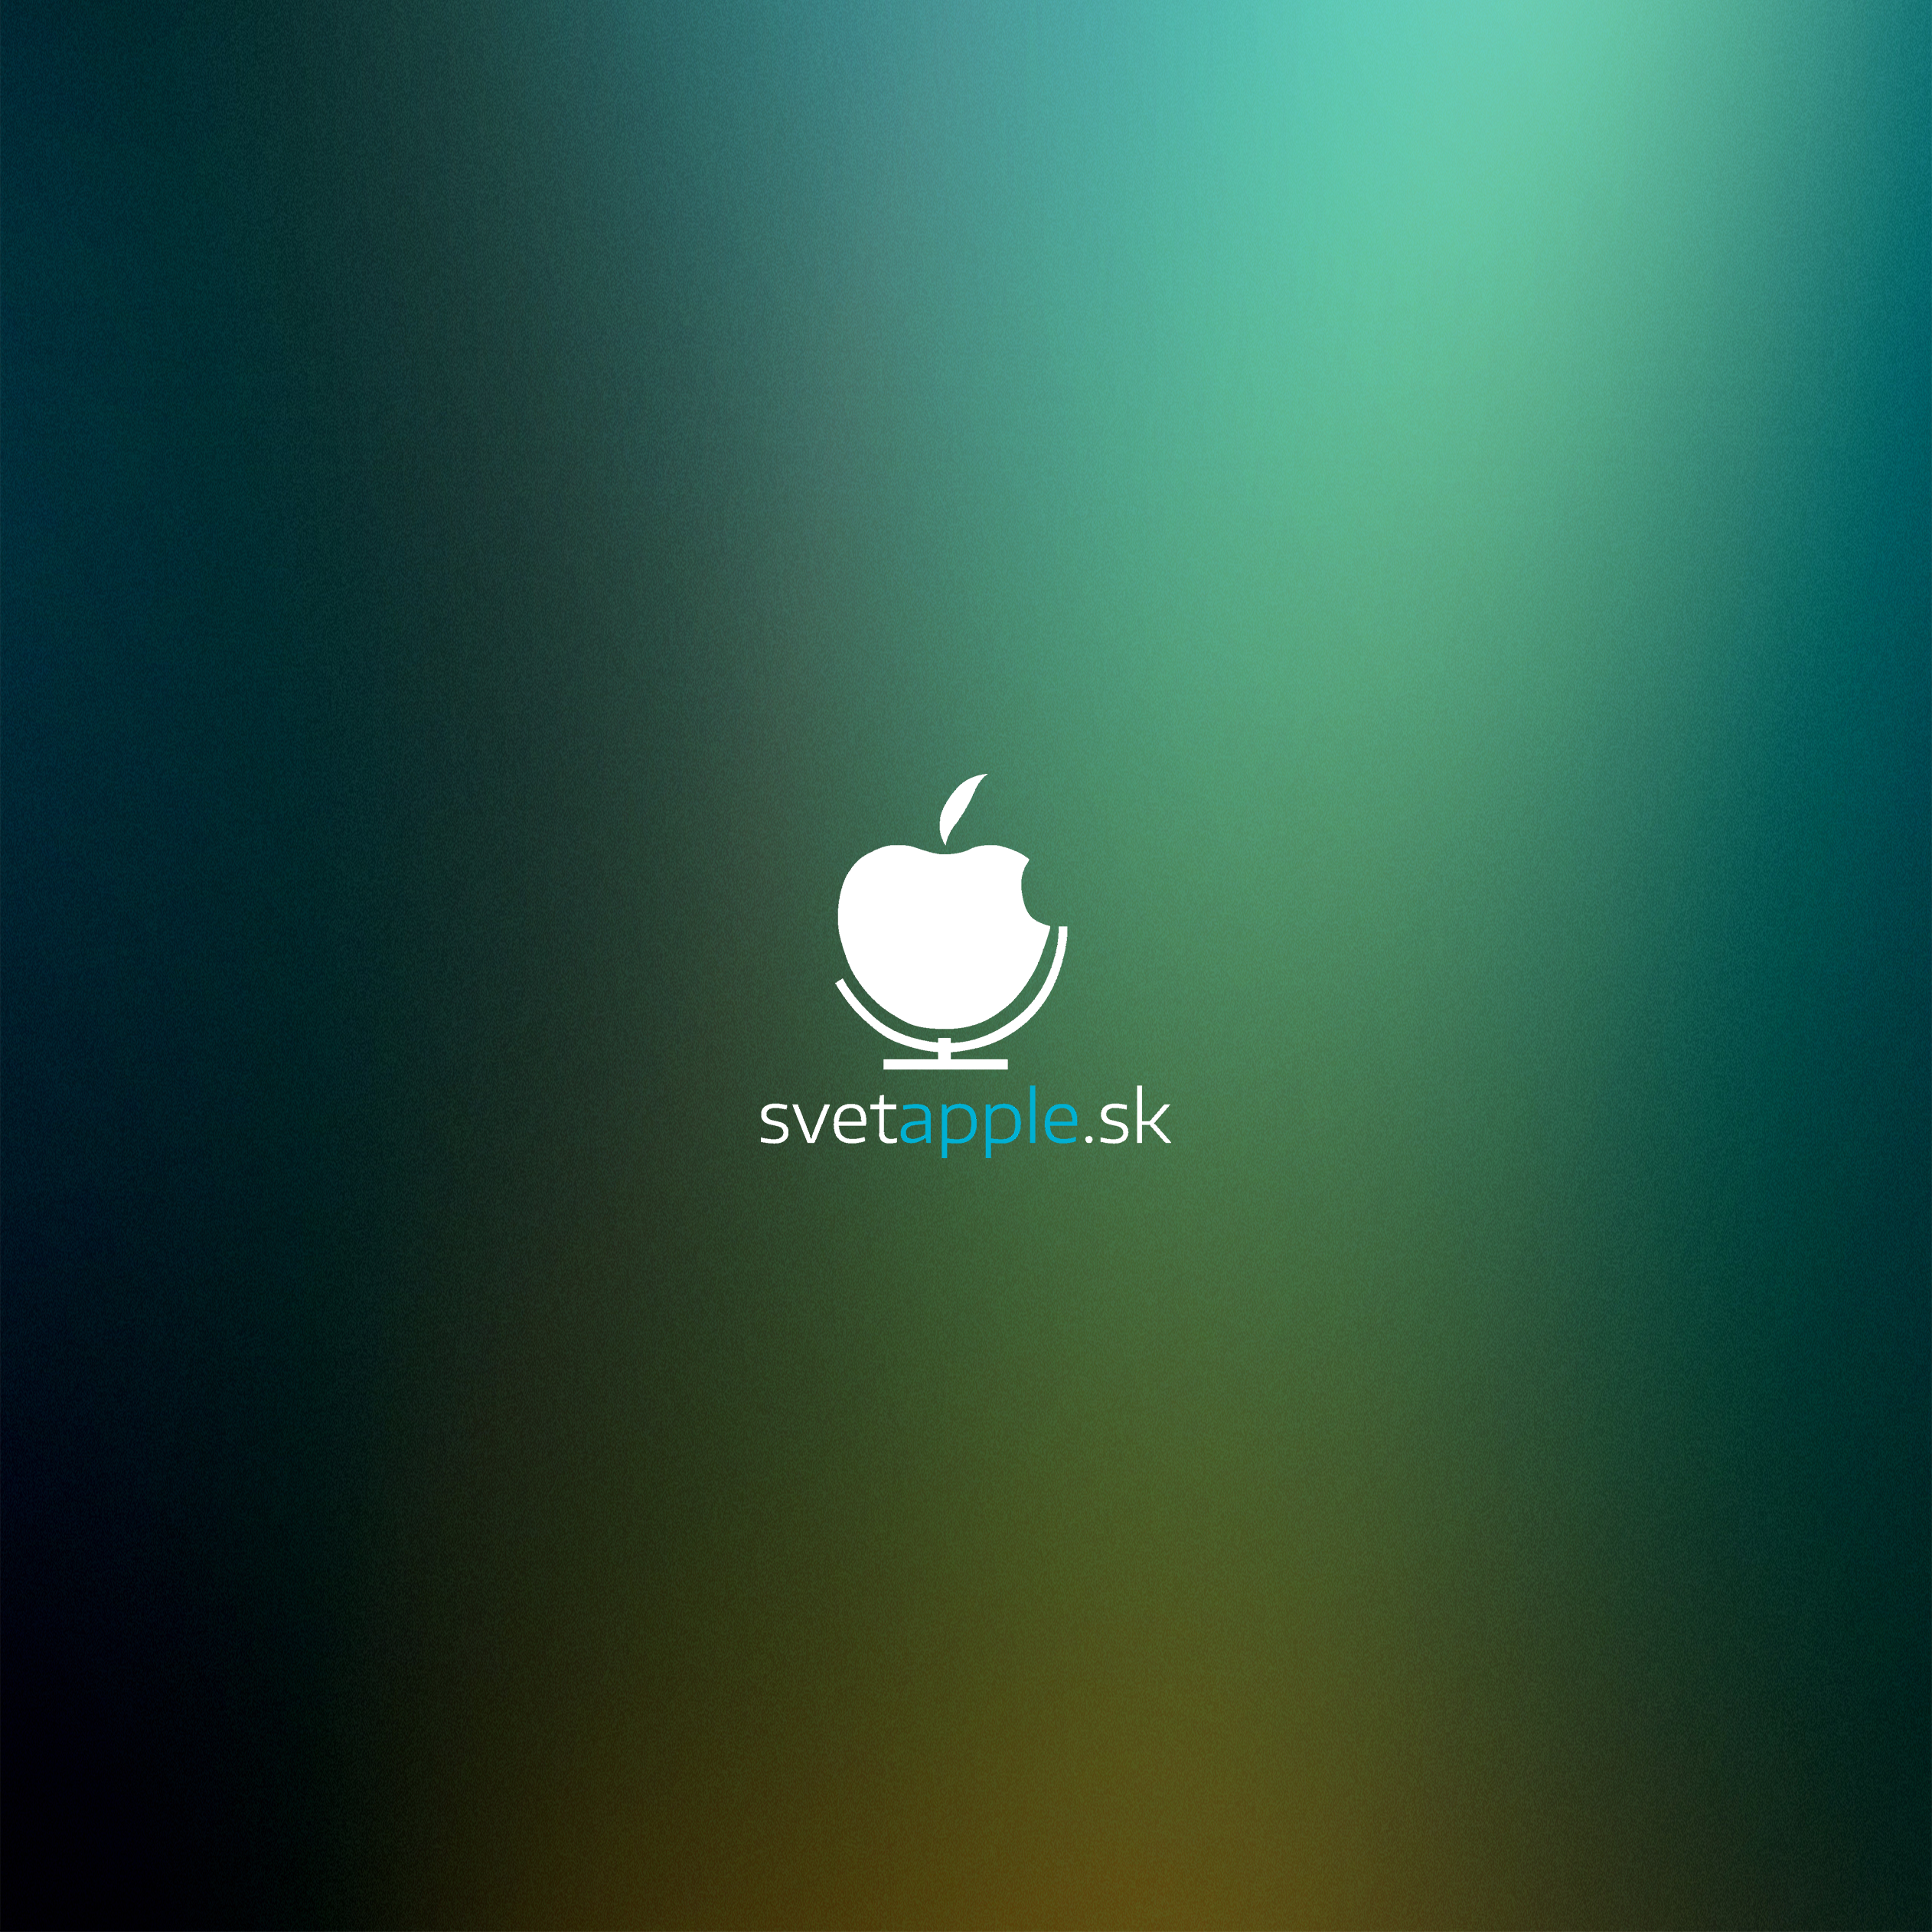 iPad - pozadie 2 - svetapple